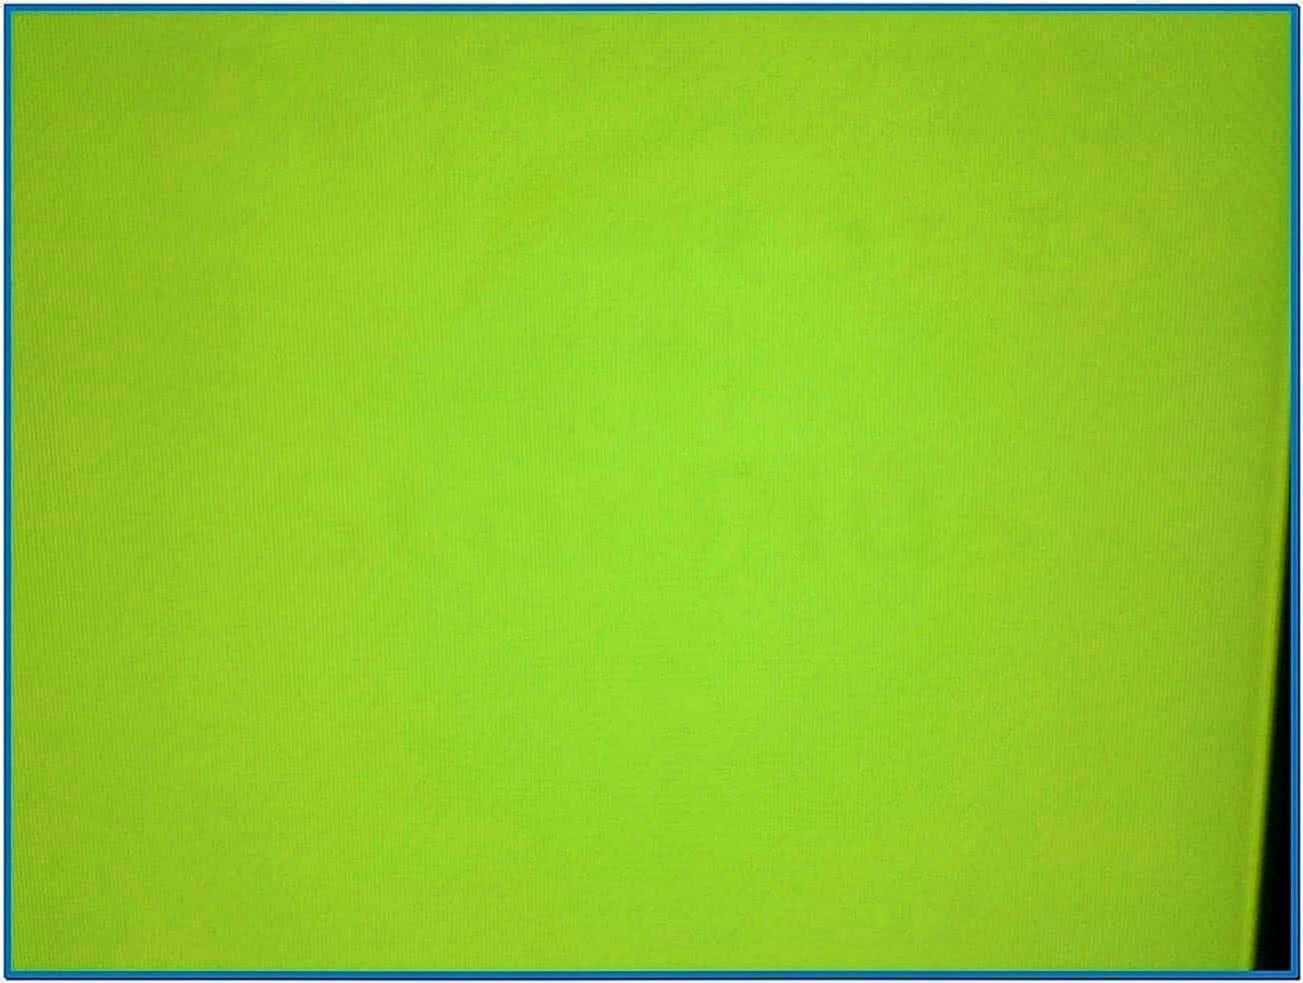 Screensaver for plasma tv